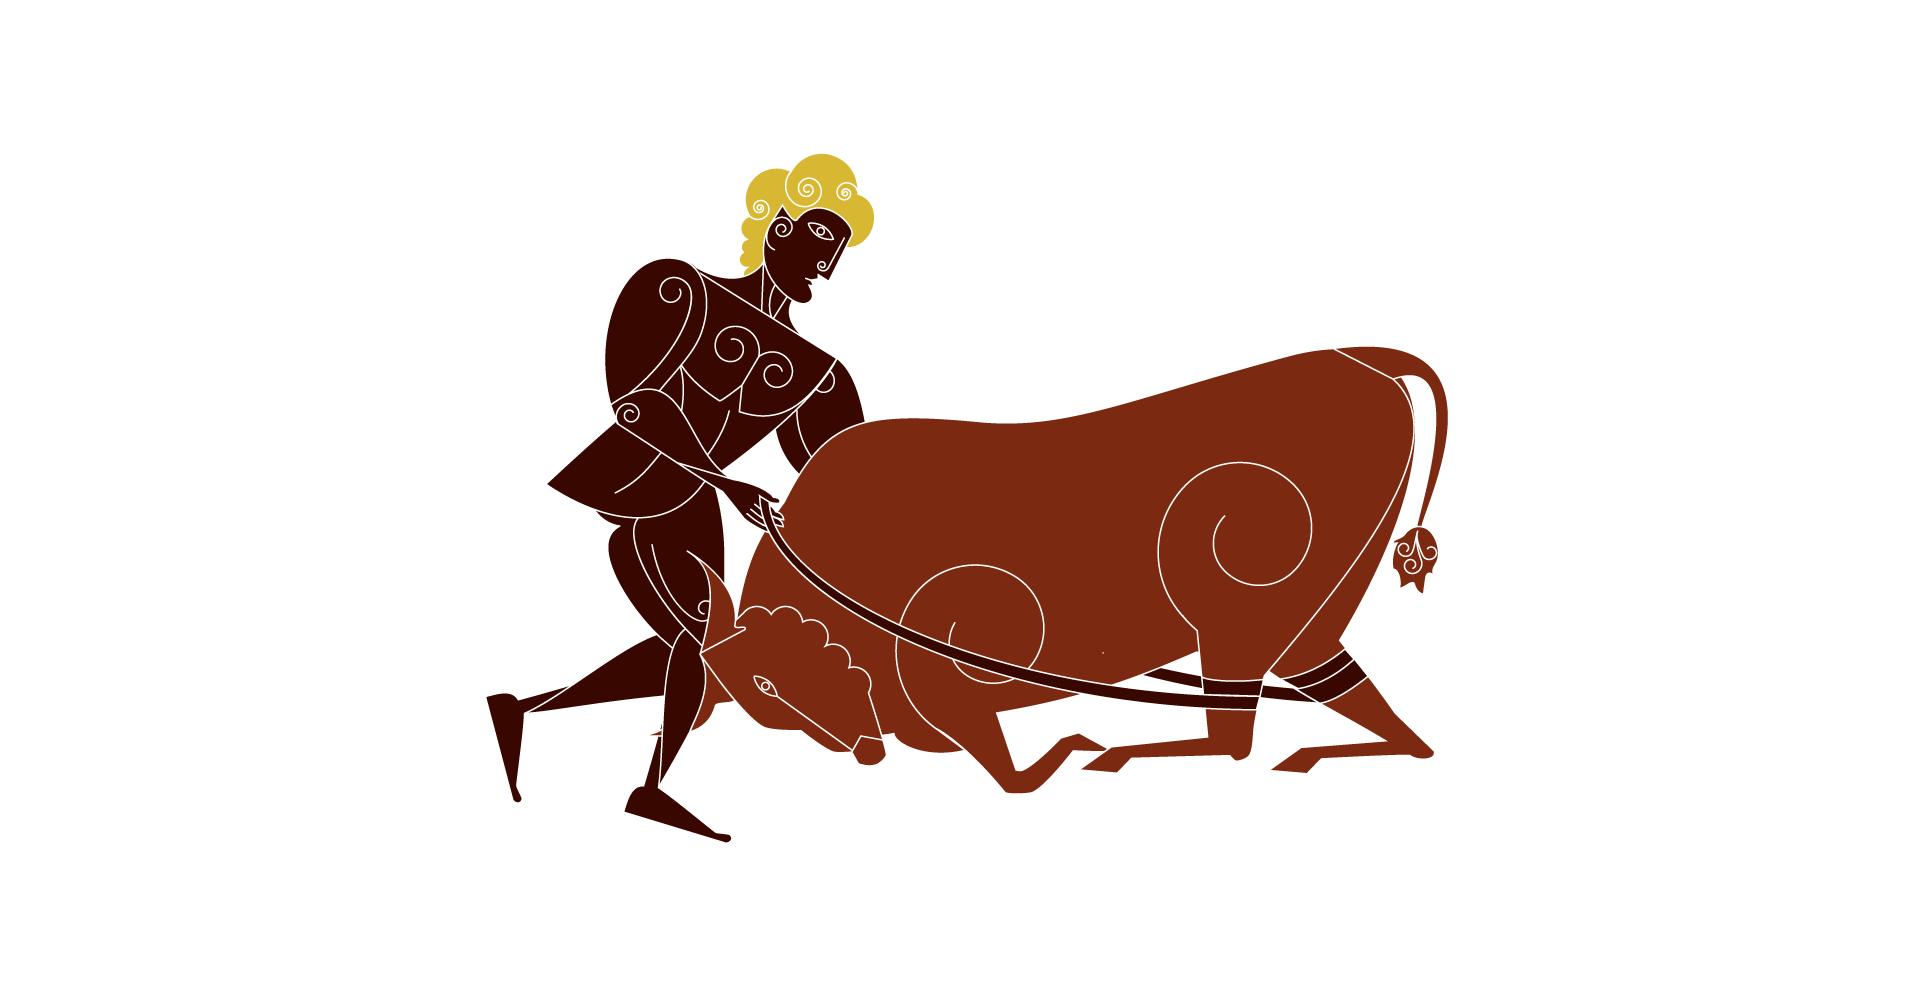 Herakles miał ujarzmić wielkiego byka zKrety, na którego bogowie zesłali szał izktórego nozdrzy buchał ogień, anastępnie żywego dostarczyć do Grecji. Herakles pojmał zwierzę iwdrodze powrotnej przeprawił się przez morze na jego grzbiecie Herakles miał ujarzmić wielkiego byka zKrety, na którego bogowie zesłali szał izktórego nozdrzy buchał ogień, anastępnie żywego dostarczyć do Grecji. Herakles pojmał zwierzę iwdrodze powrotnej przeprawił się przez morze na jego grzbiecie Źródło: Contentplus.pl sp. zo.o., licencja: CC BY 3.0.